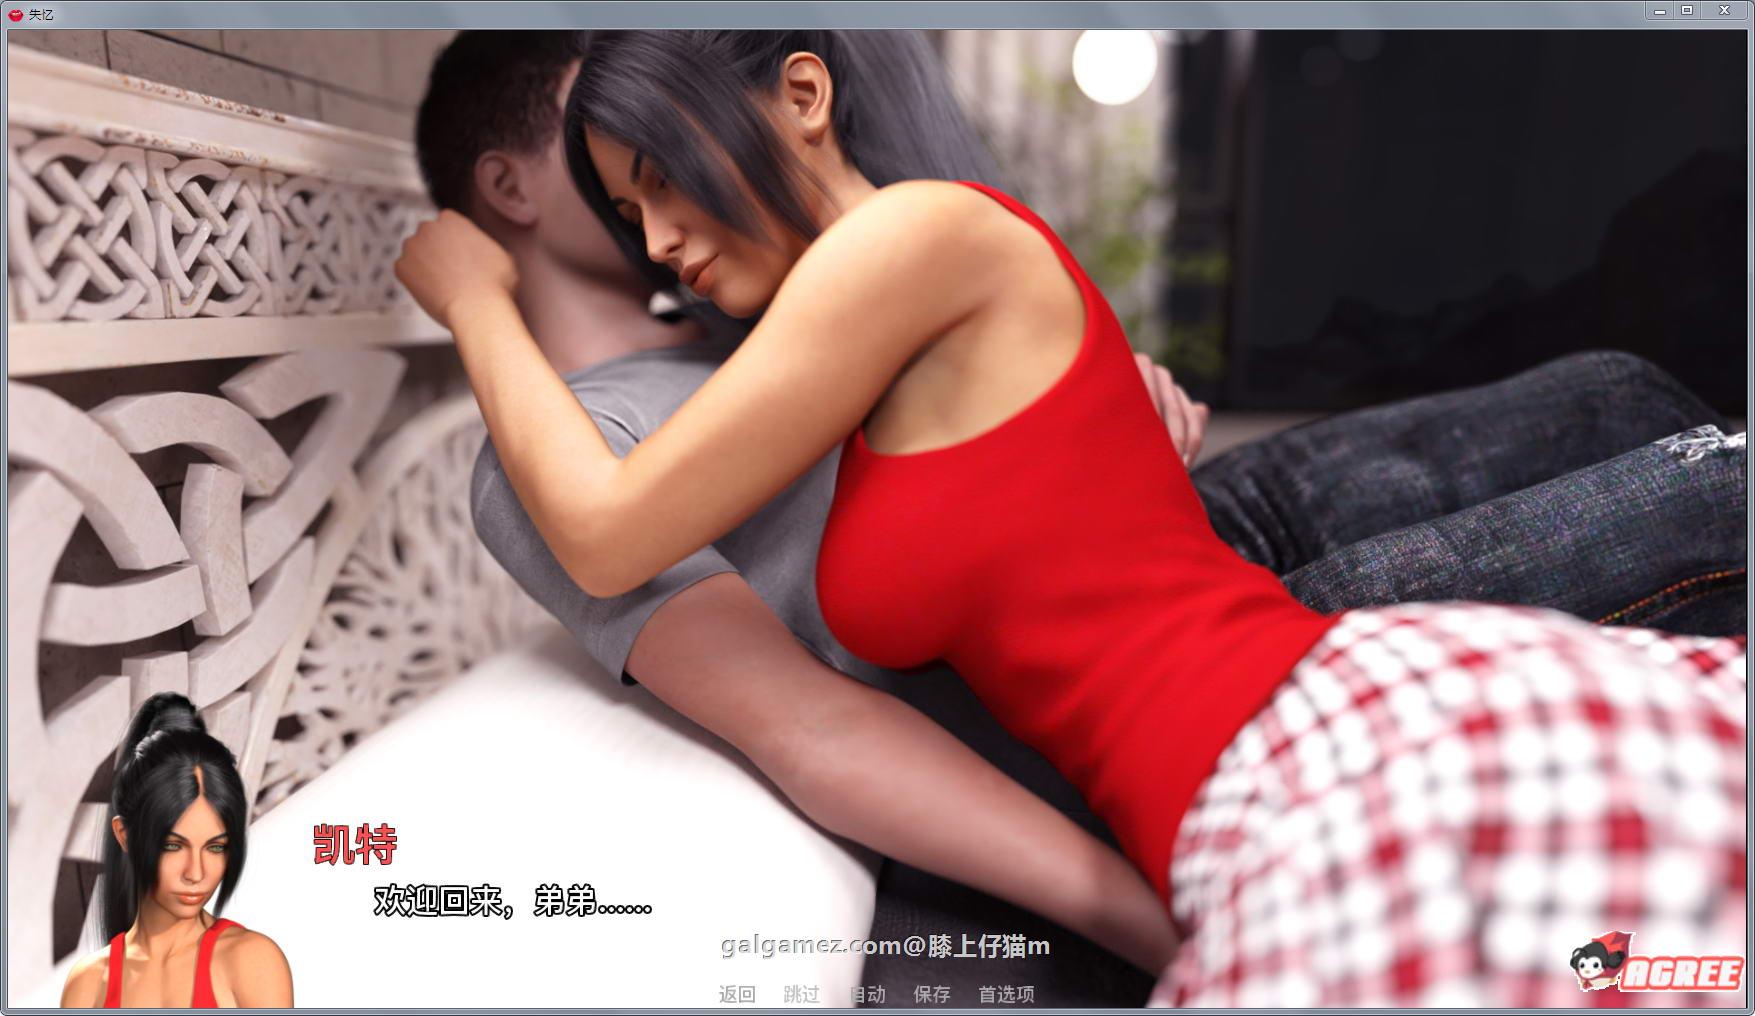 【欧美SLG/汉化/极致动态】失忆 V3.0A 精翻汉化版【3.3G】 10